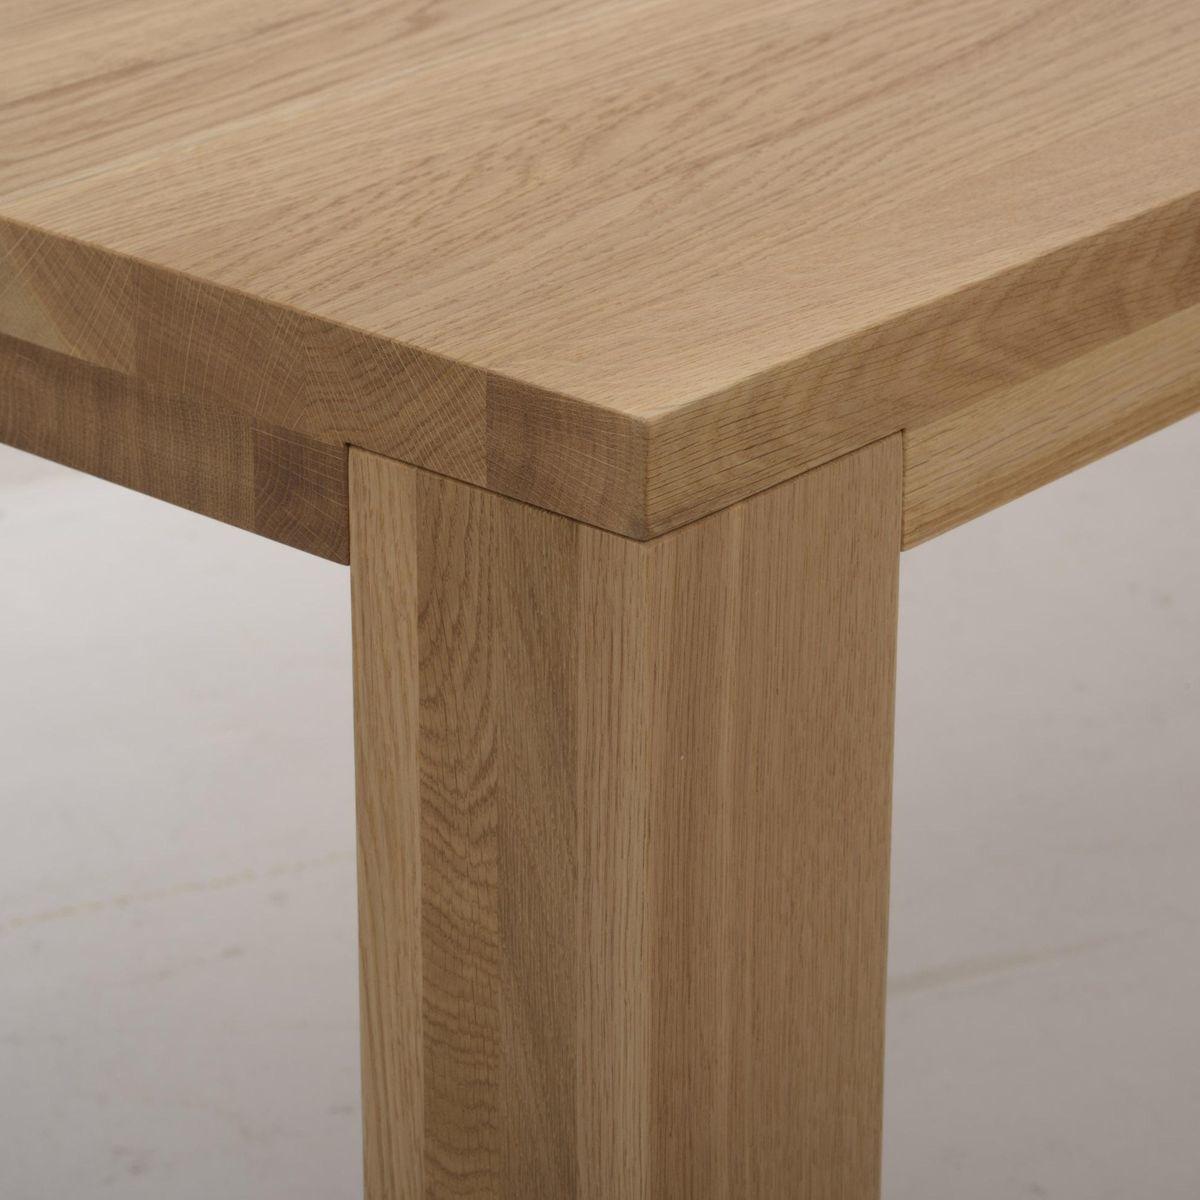 Loft mesa de comedor de madera maciza adwood for Mesas de comedor de madera maciza